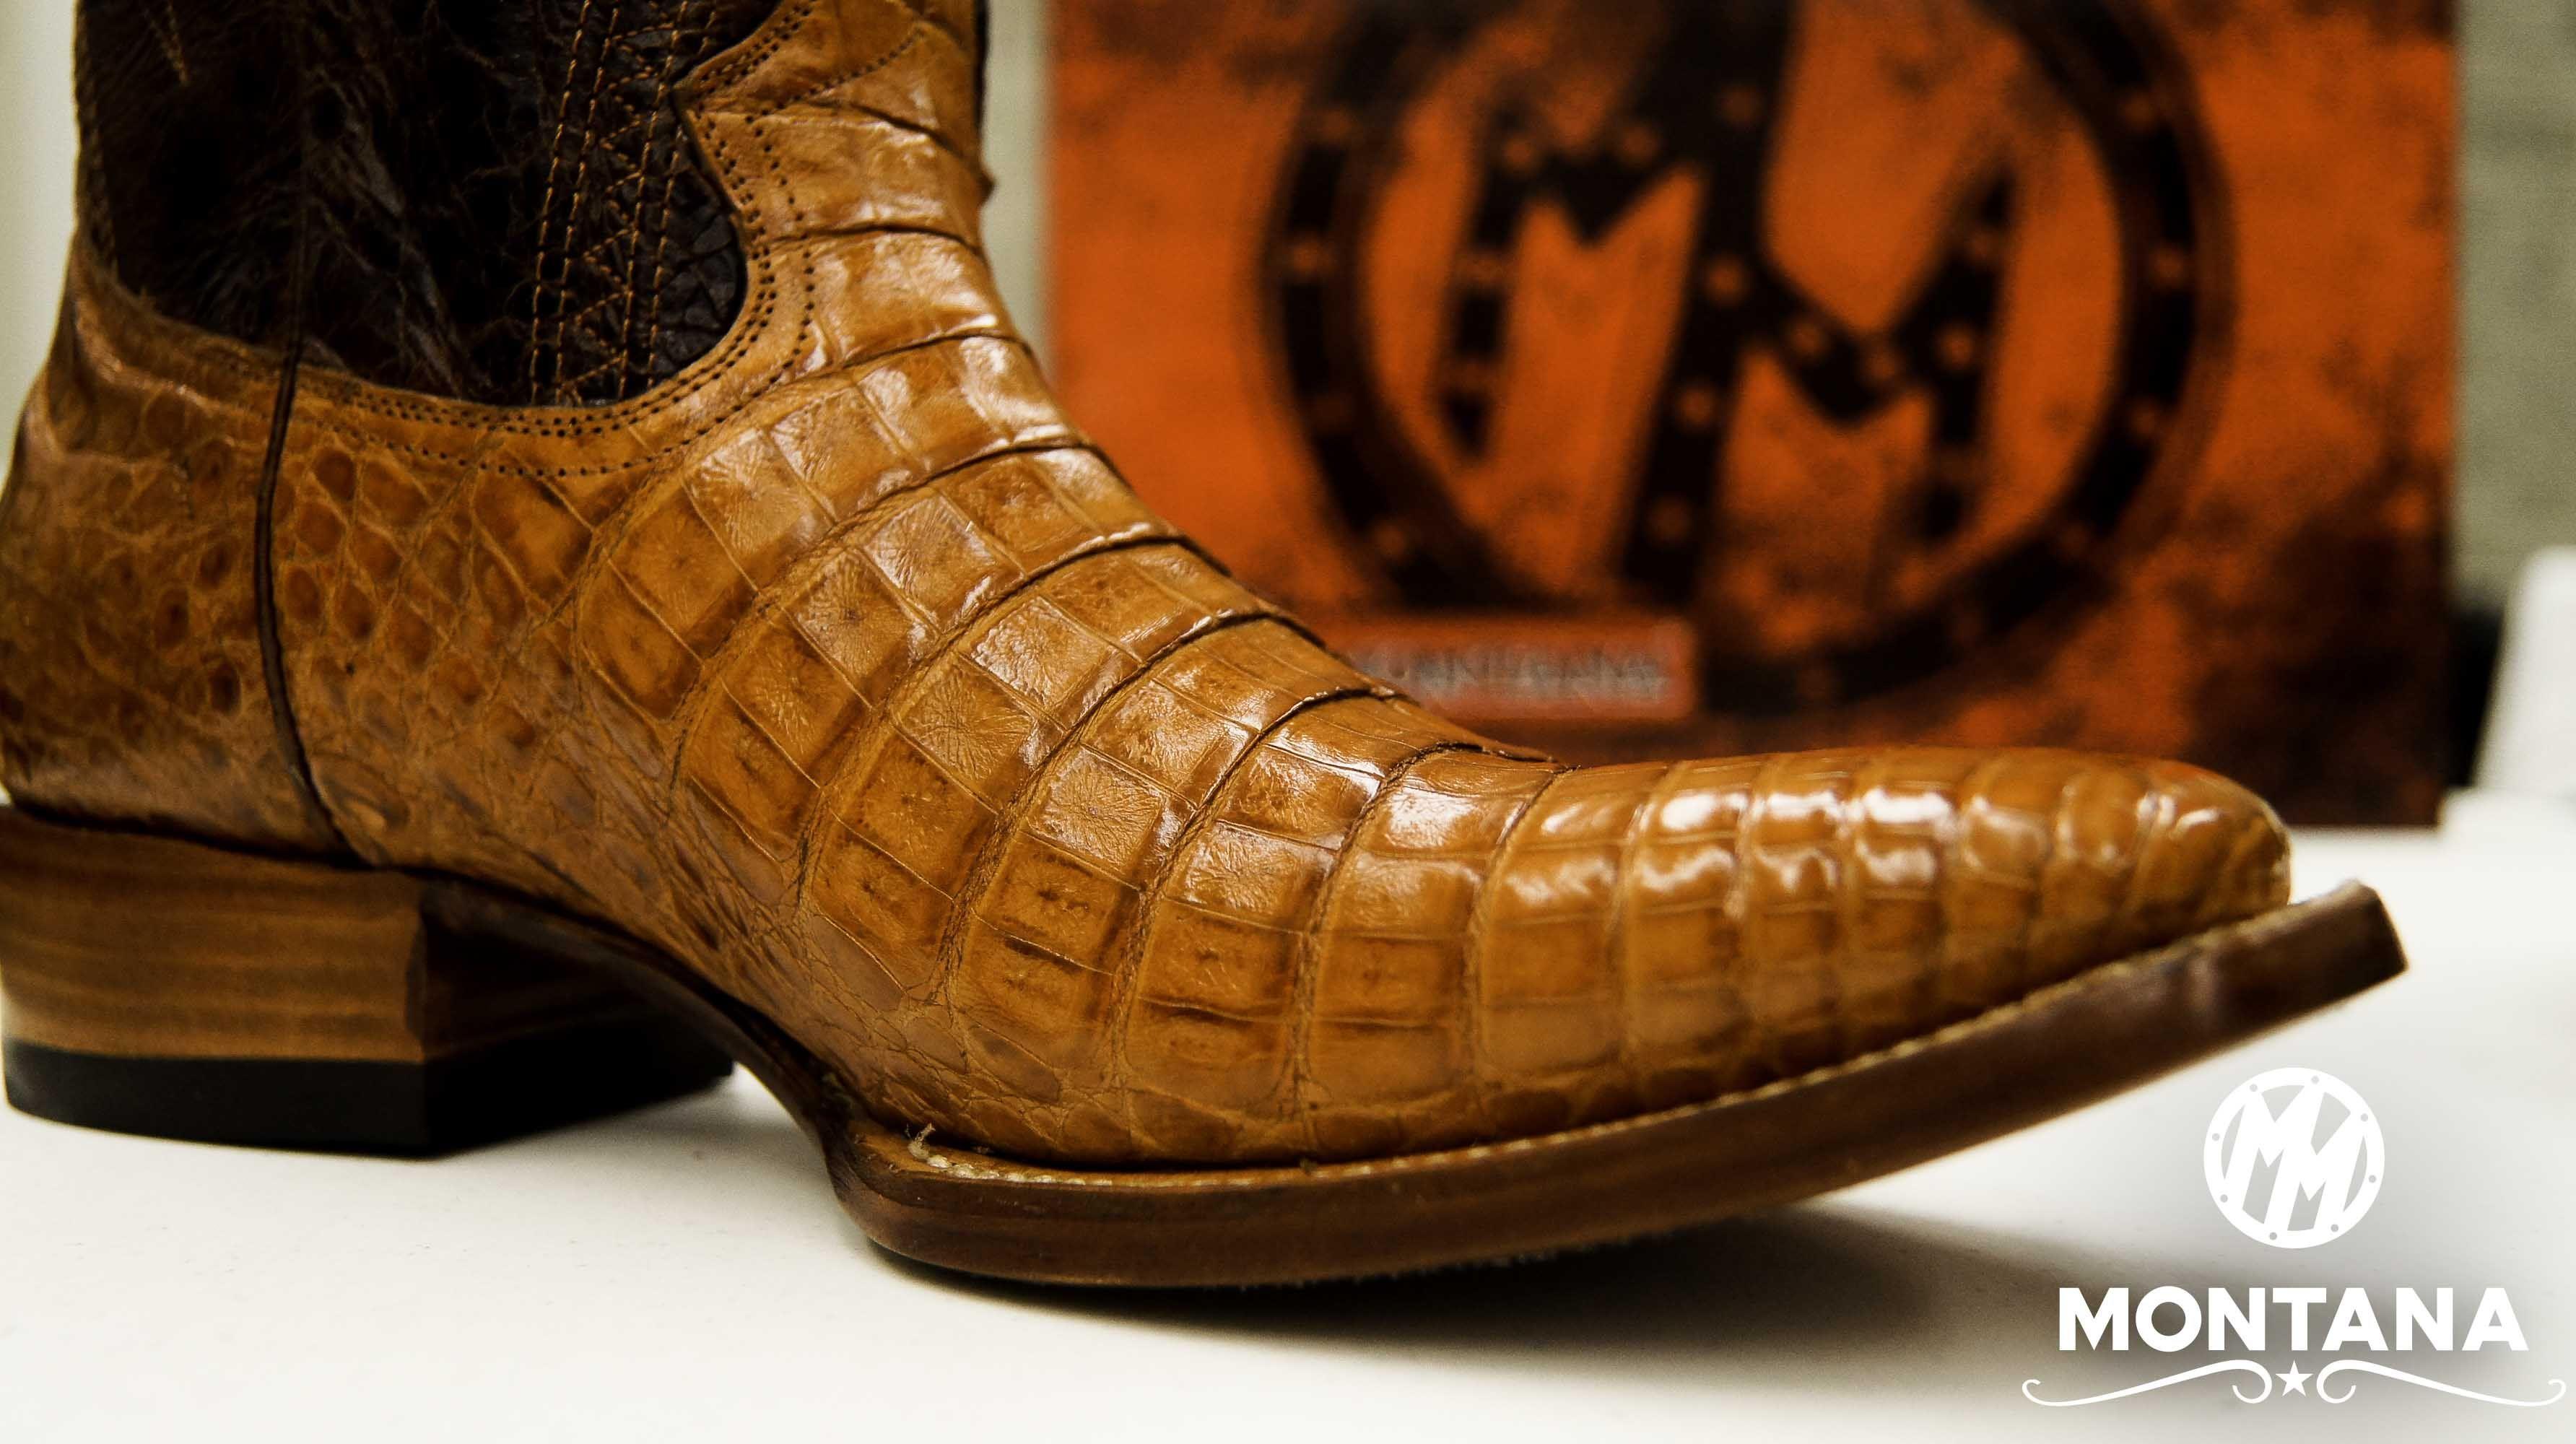 último estilo de 2019 precios grandiosos a pies en Bota Vaquera de piel de cocodrilo #Montana   Boot heaven in ...